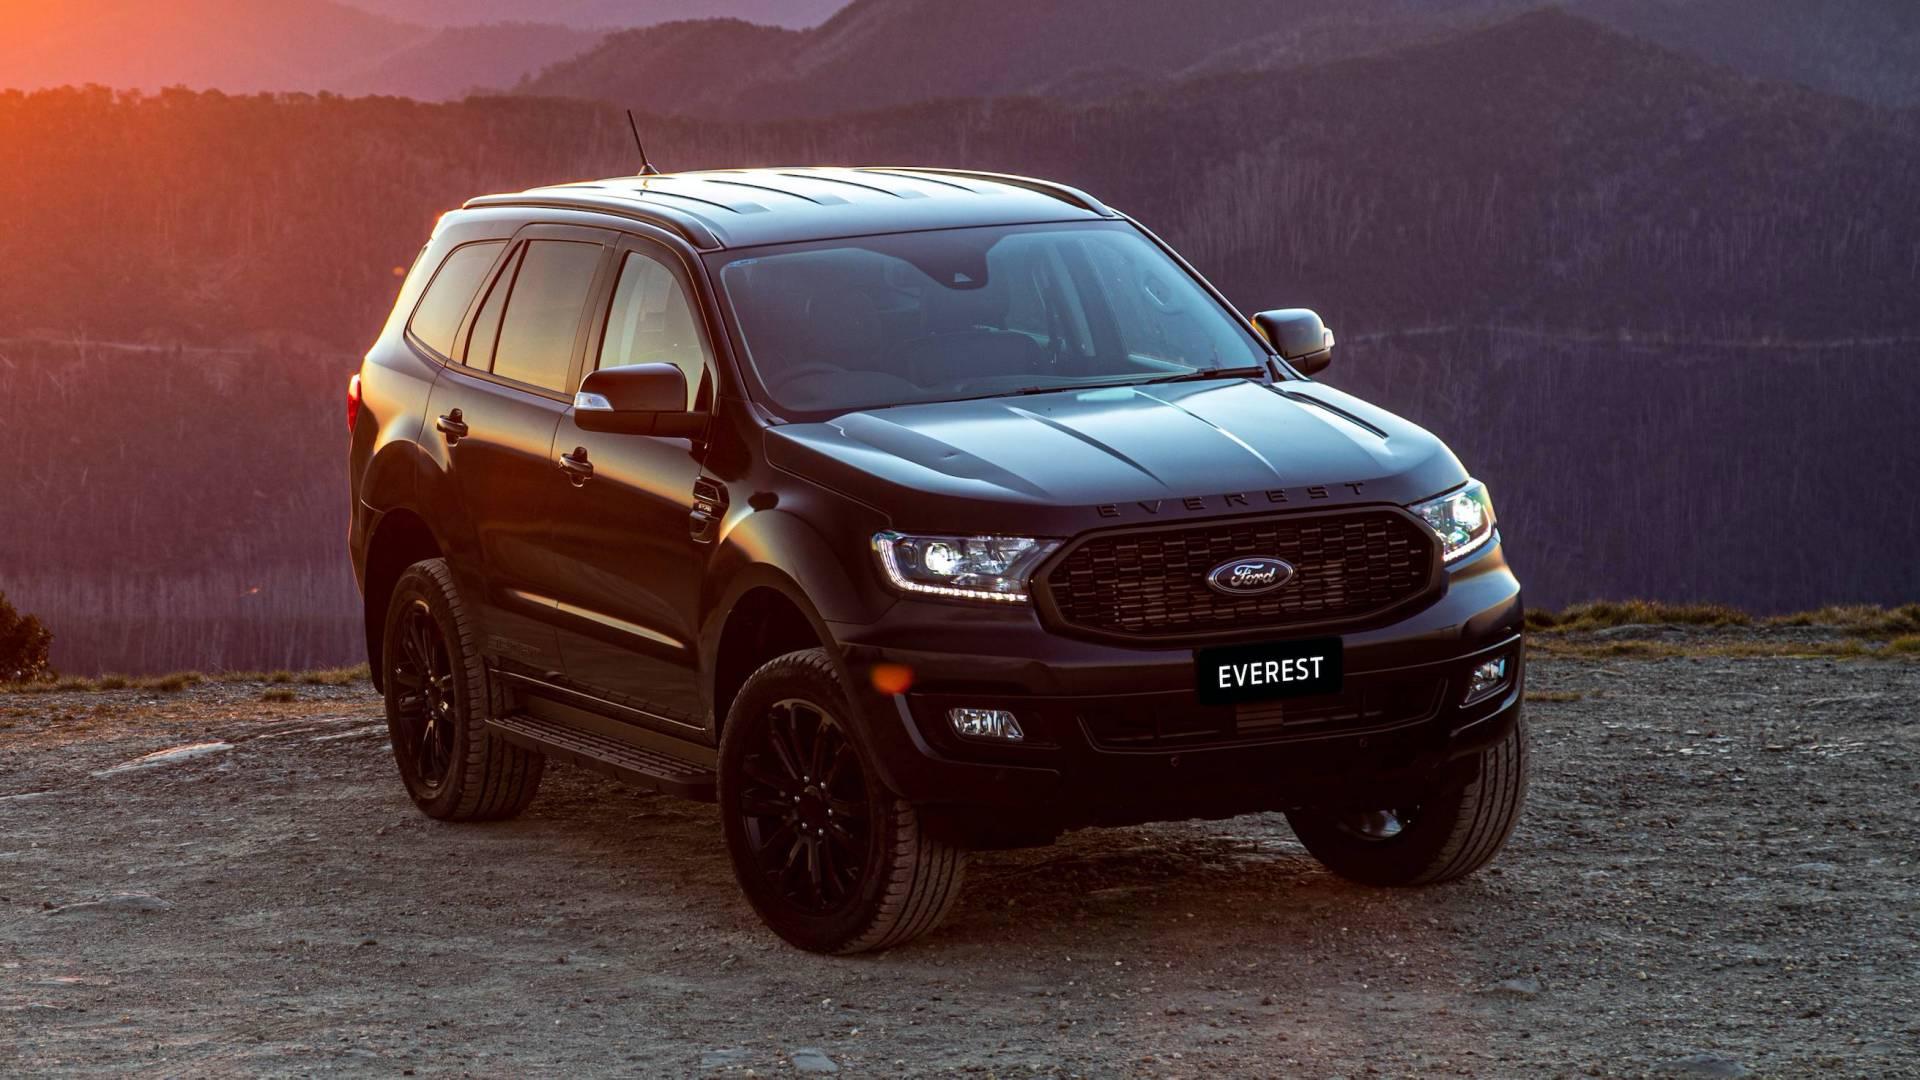 2020 ford everest sport australia spec 7 - Kinh nghiệm mua xe ô tô gia đình: Nên mua xe gì, tầm giá bao nhiêu?